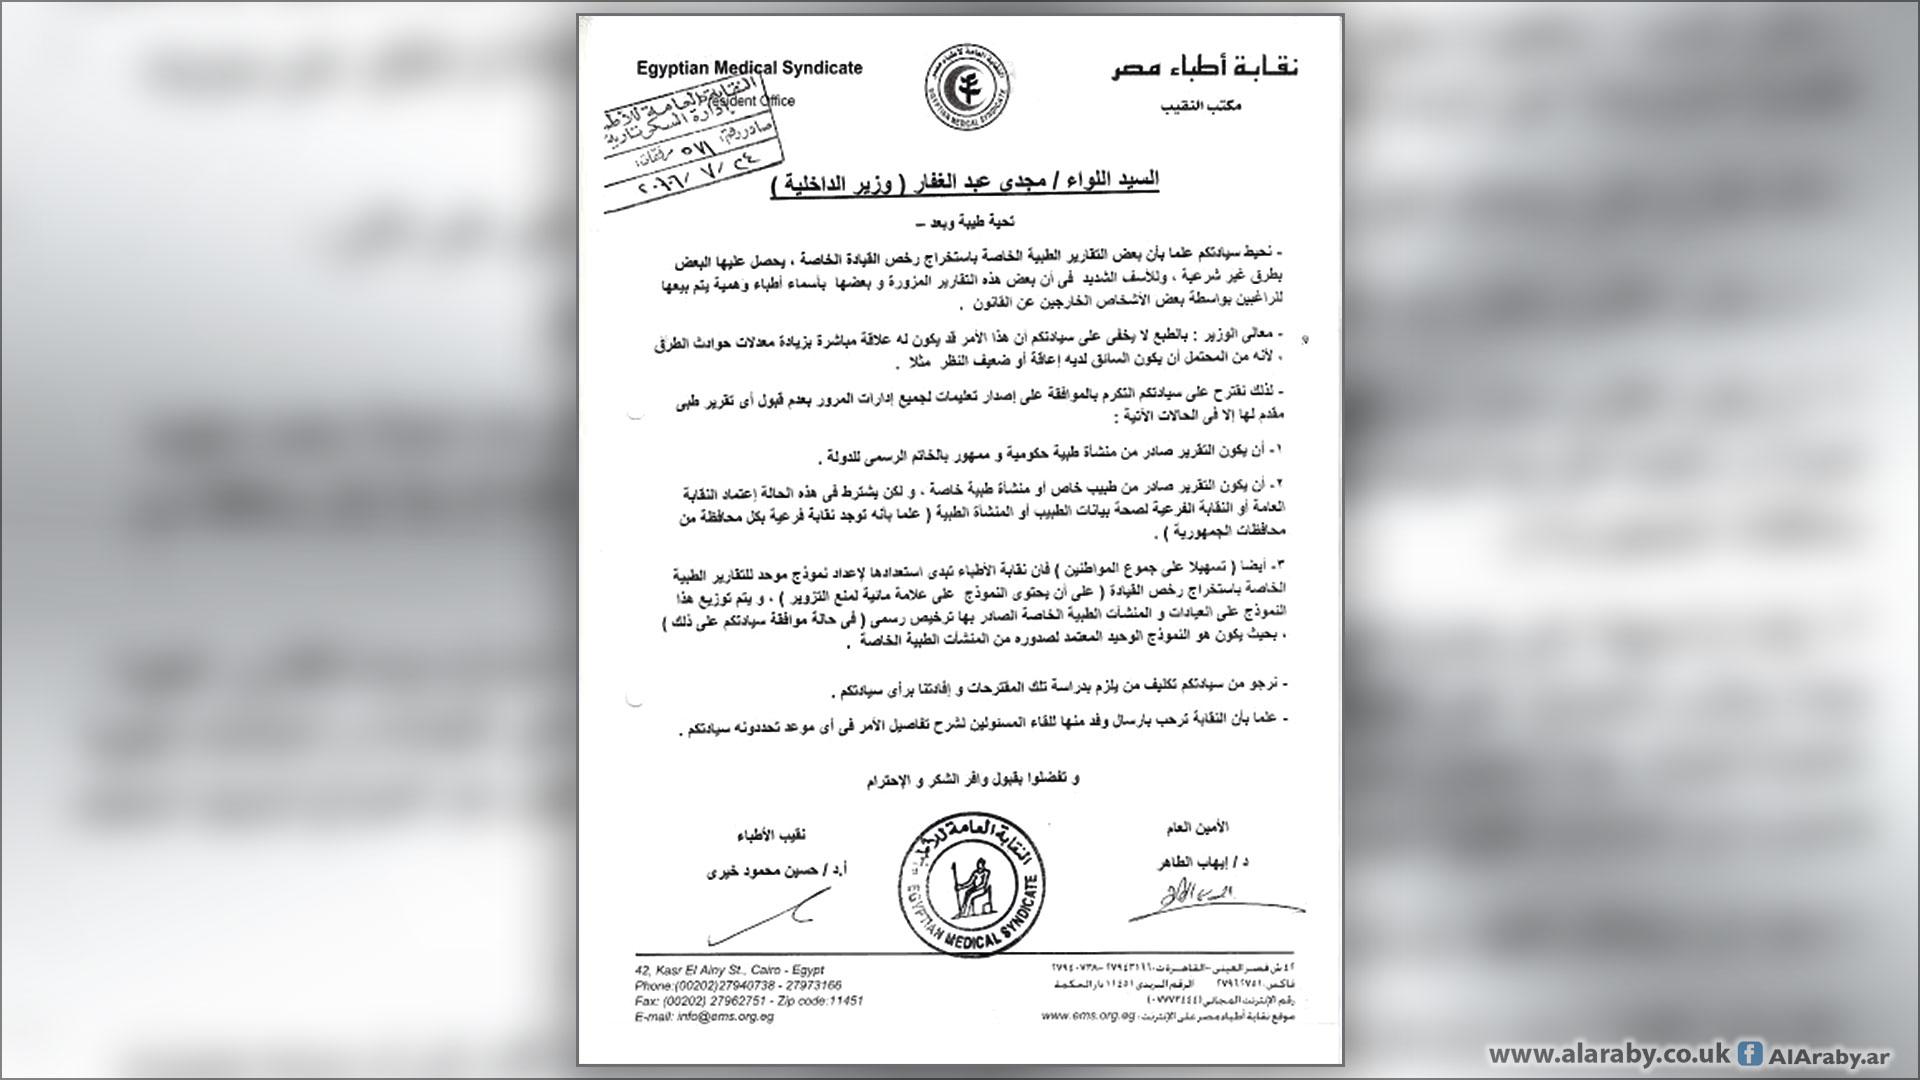 نموذج تقرير طبي من مستشفى حكومي مصر